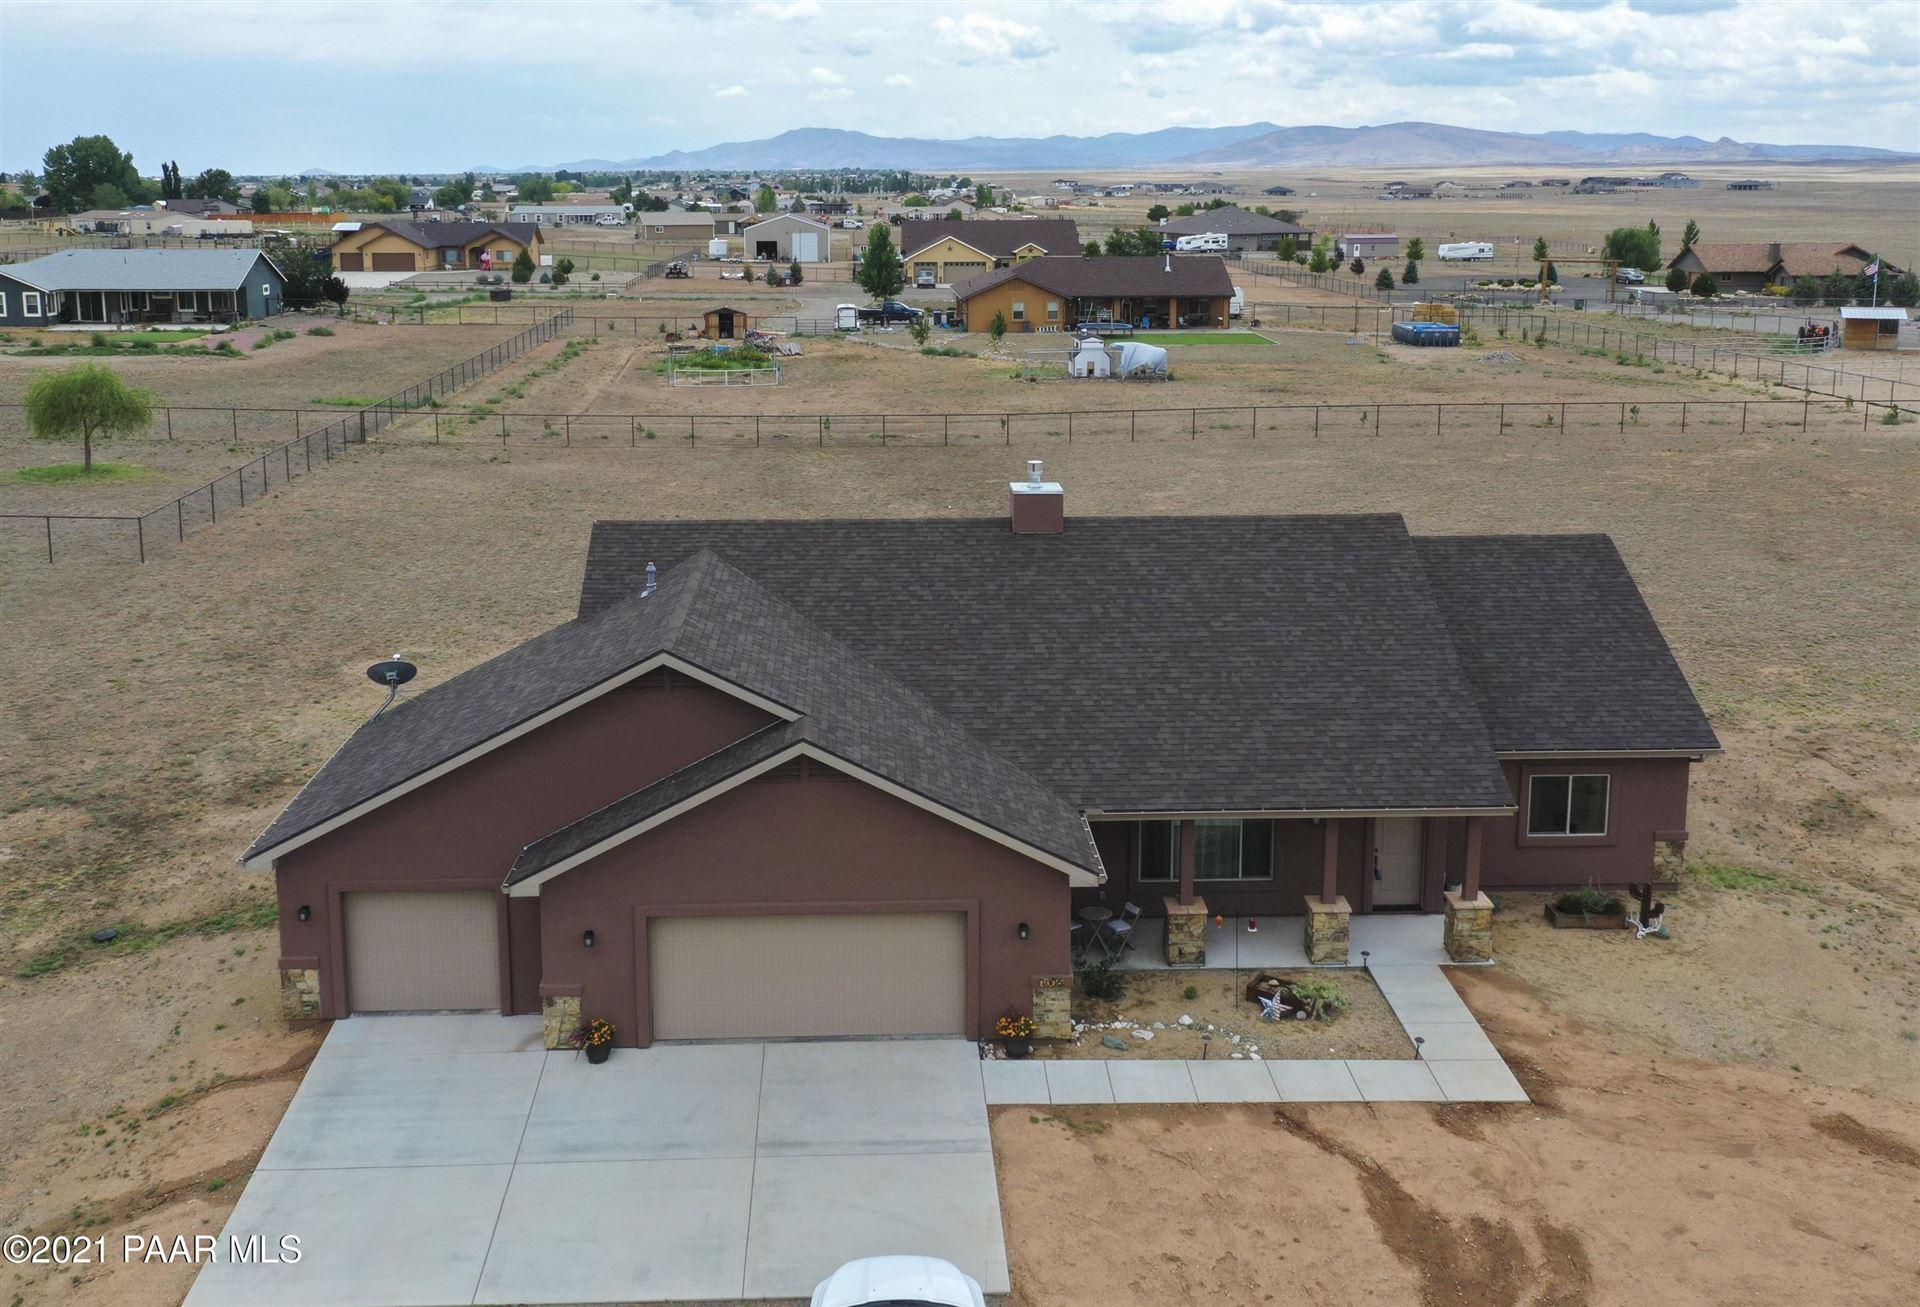 Photo of 7075 E Sheriff Lane #Lot: 40, Prescott Valley, AZ 86315 (MLS # 1040430)